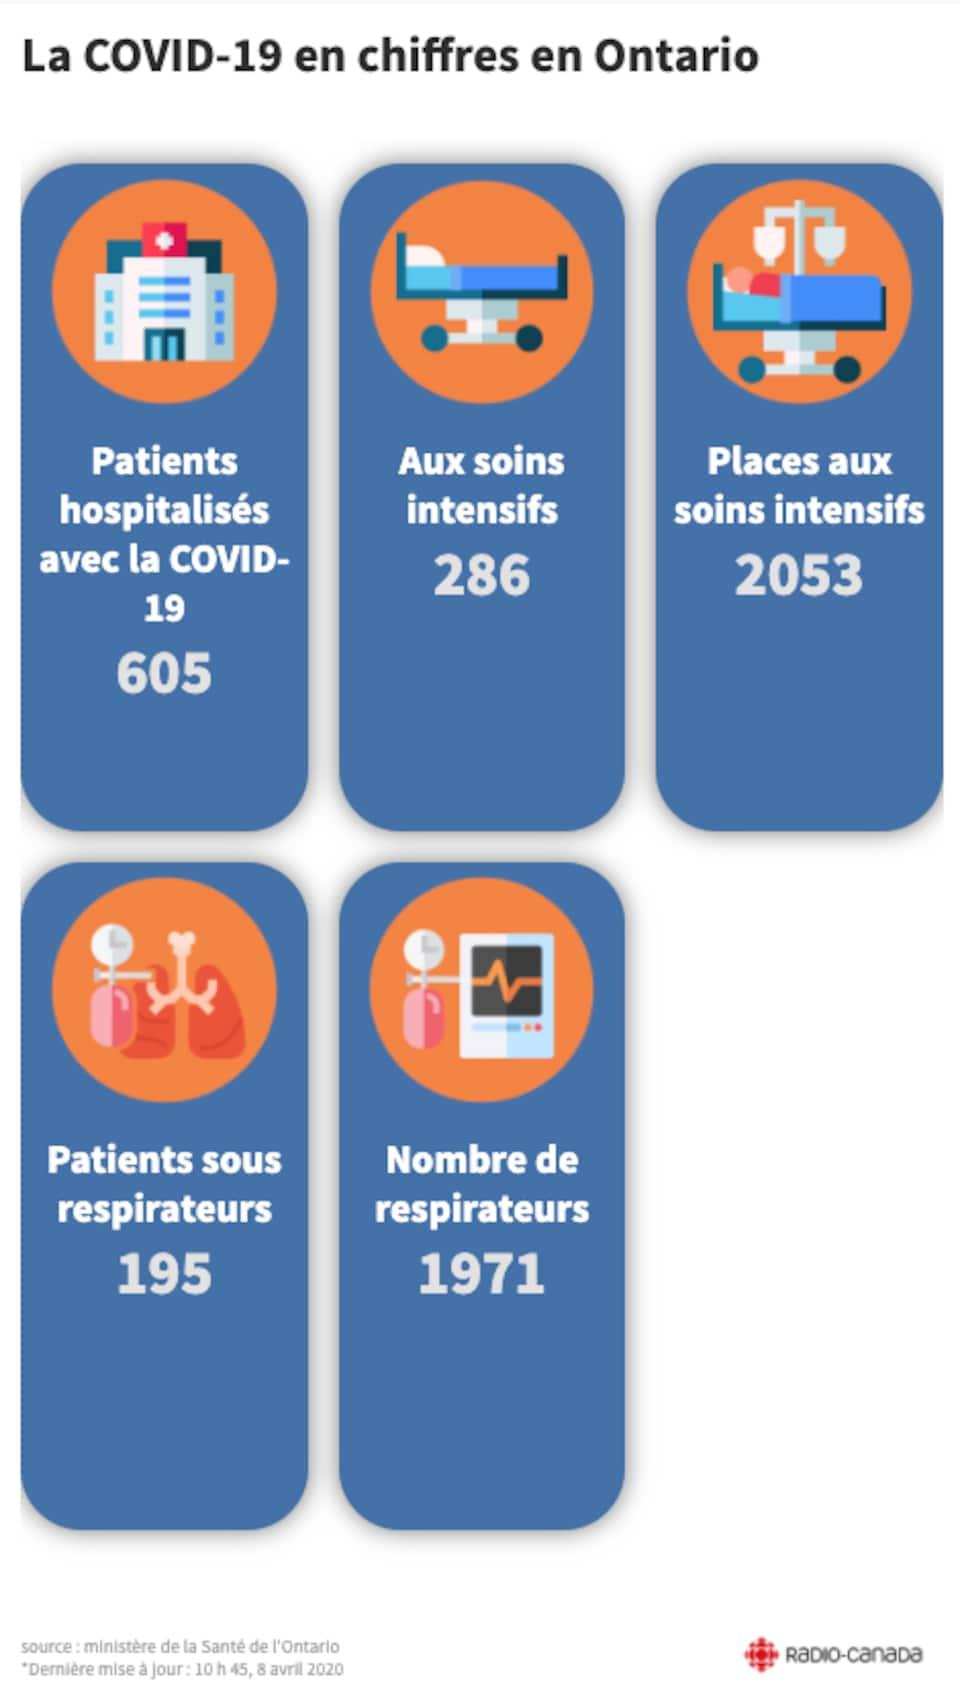 Infographie montrant entre autres le nombre de patients aux soins intensifs et sous respirateurs.